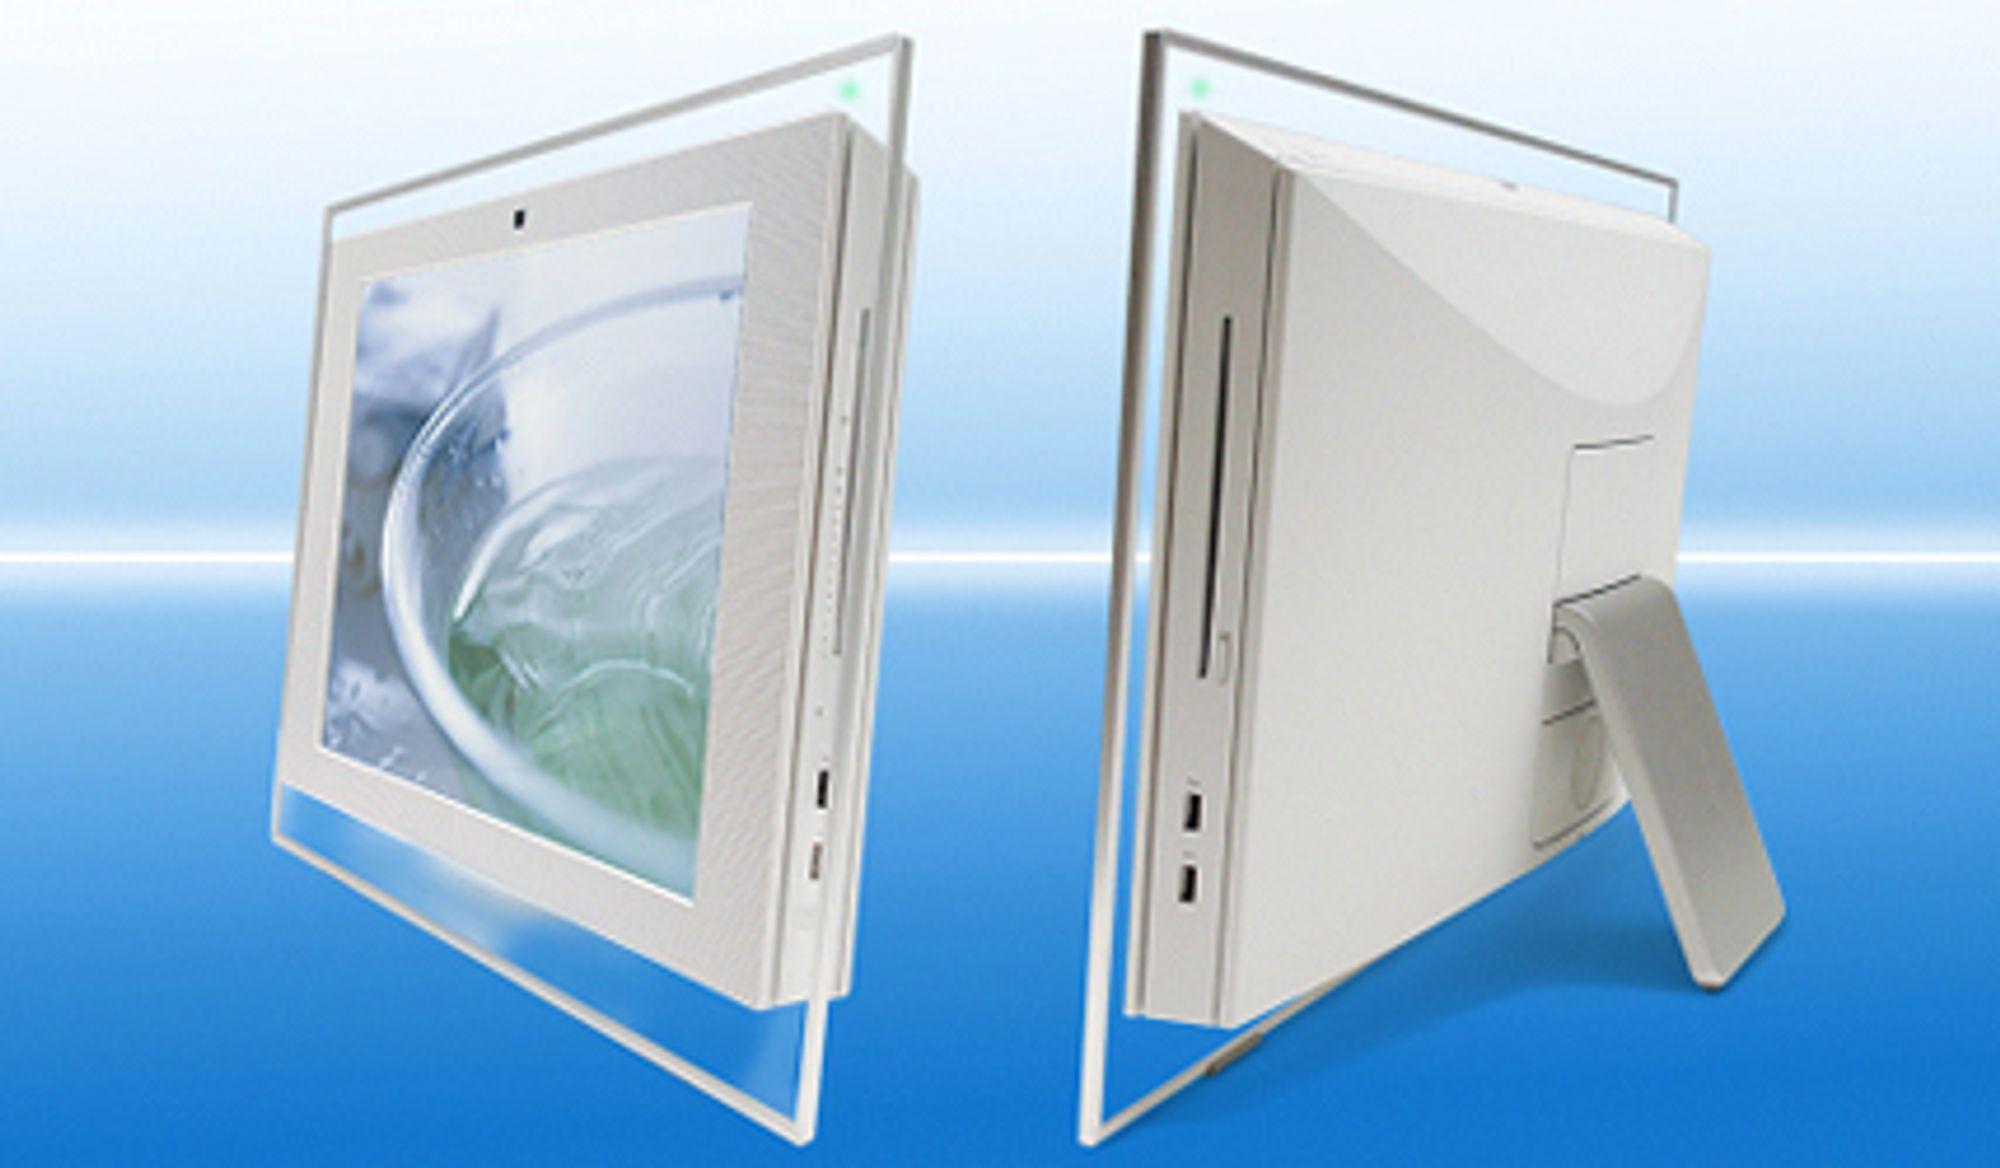 Sony Vaio LT. PC / TV med innebygget blu-ray-spiller.